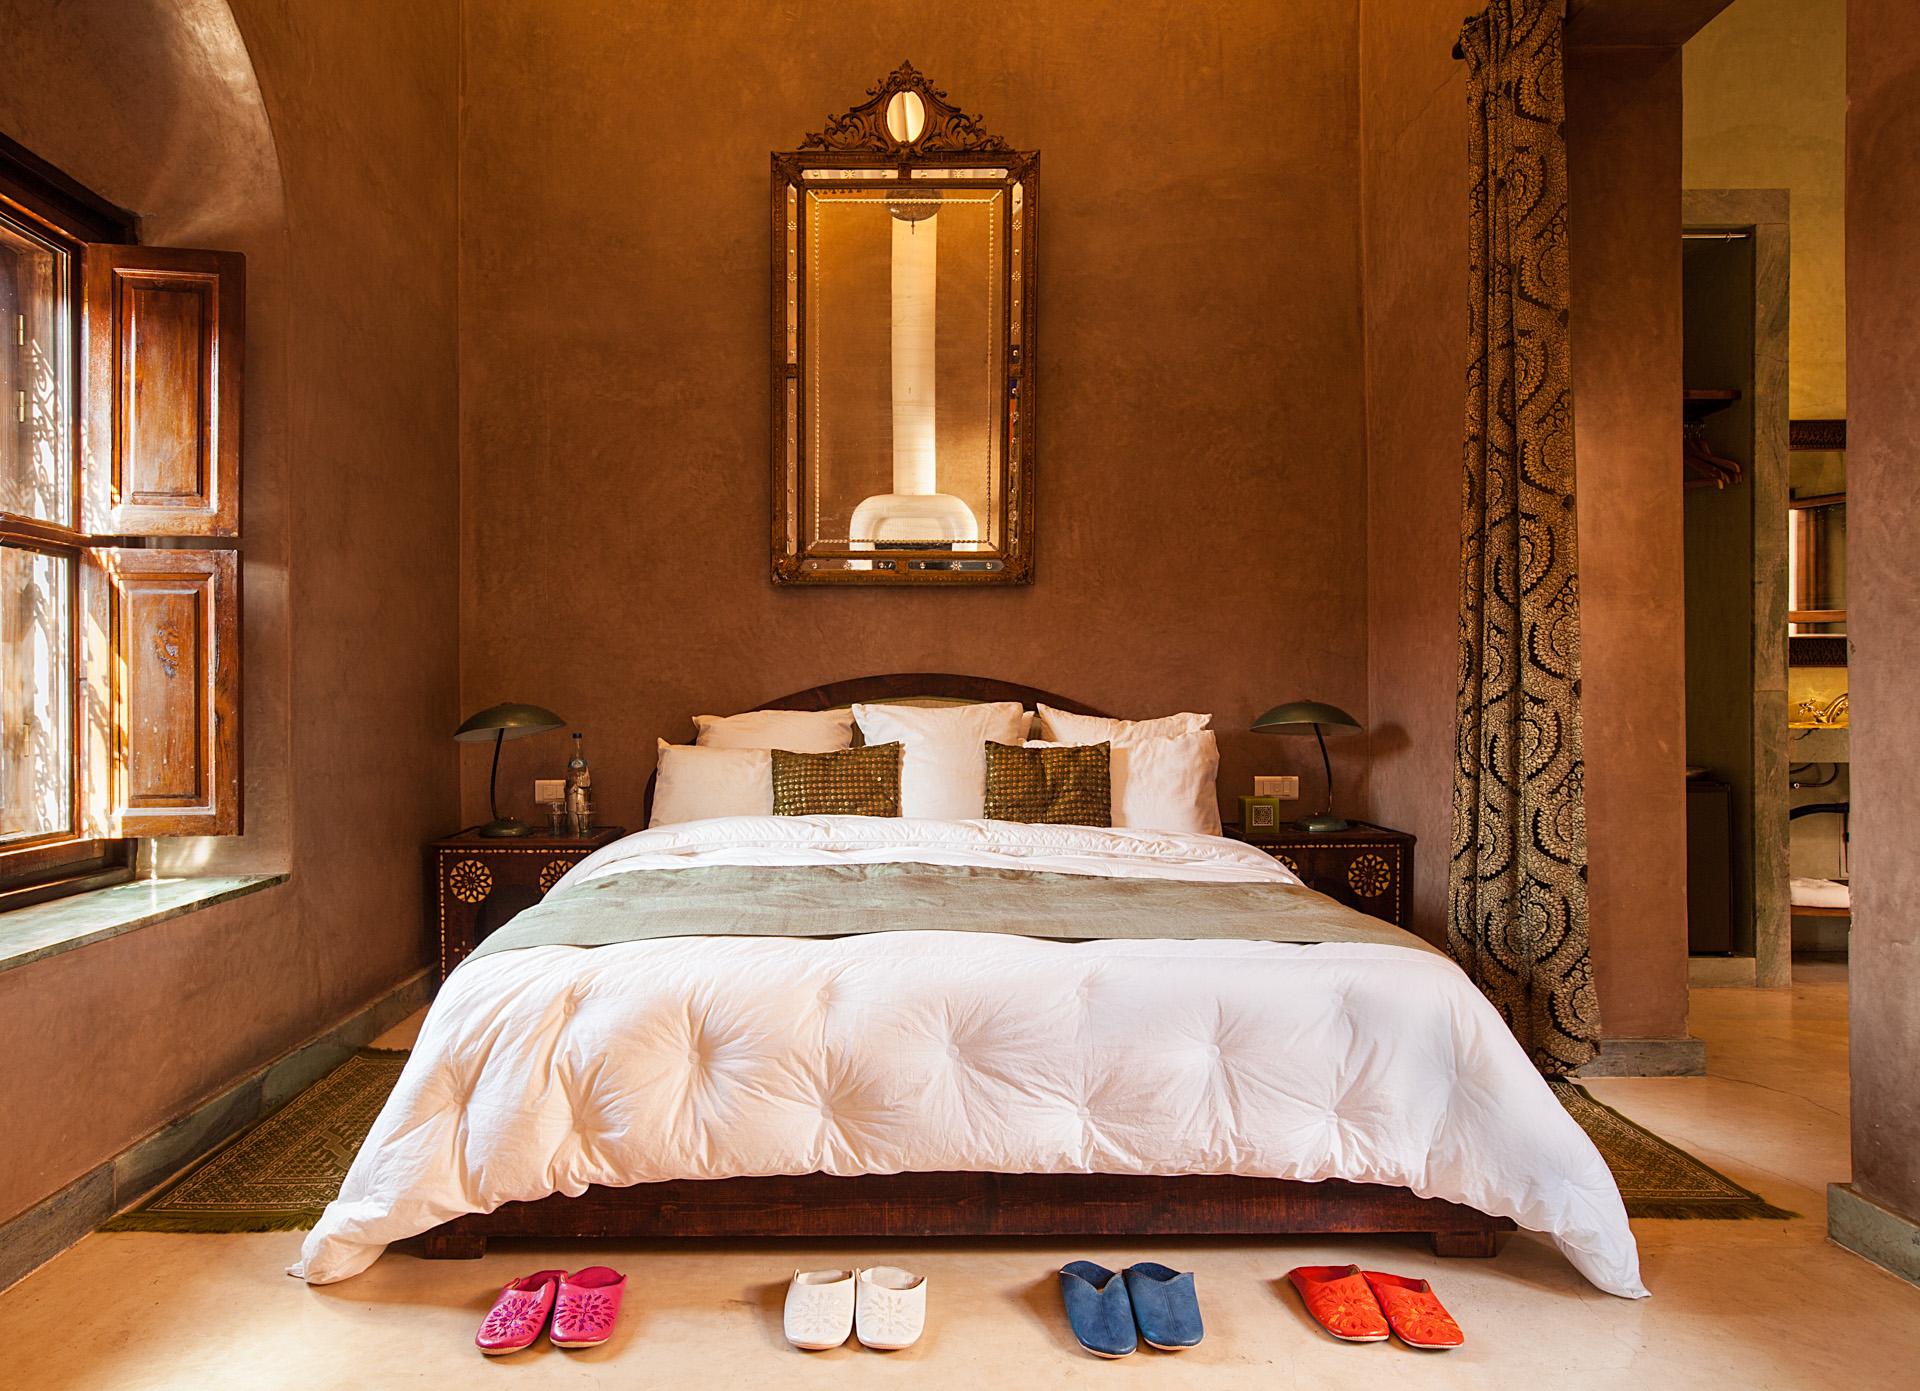 hospitality_tourism_26